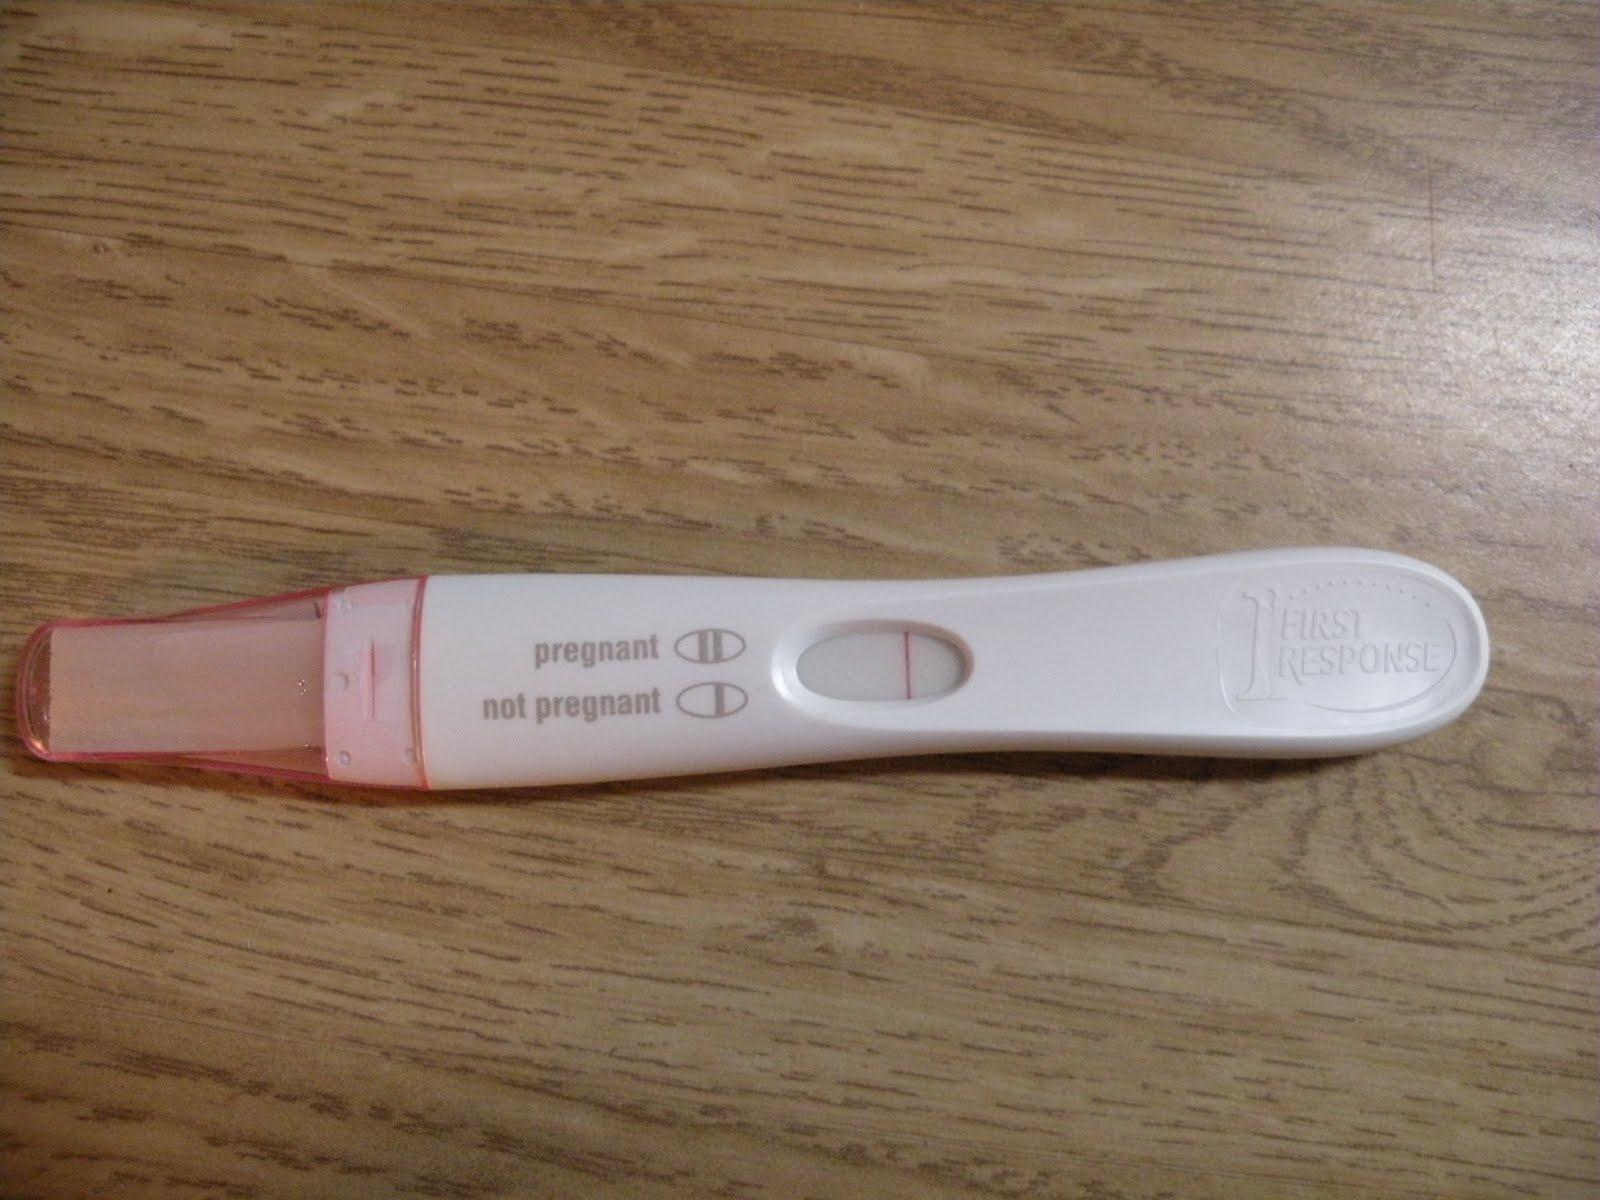 Inilah Tanda-tanda Haid / Menstruasi Pertama Akan Segera Datang pada Seorang Remaja